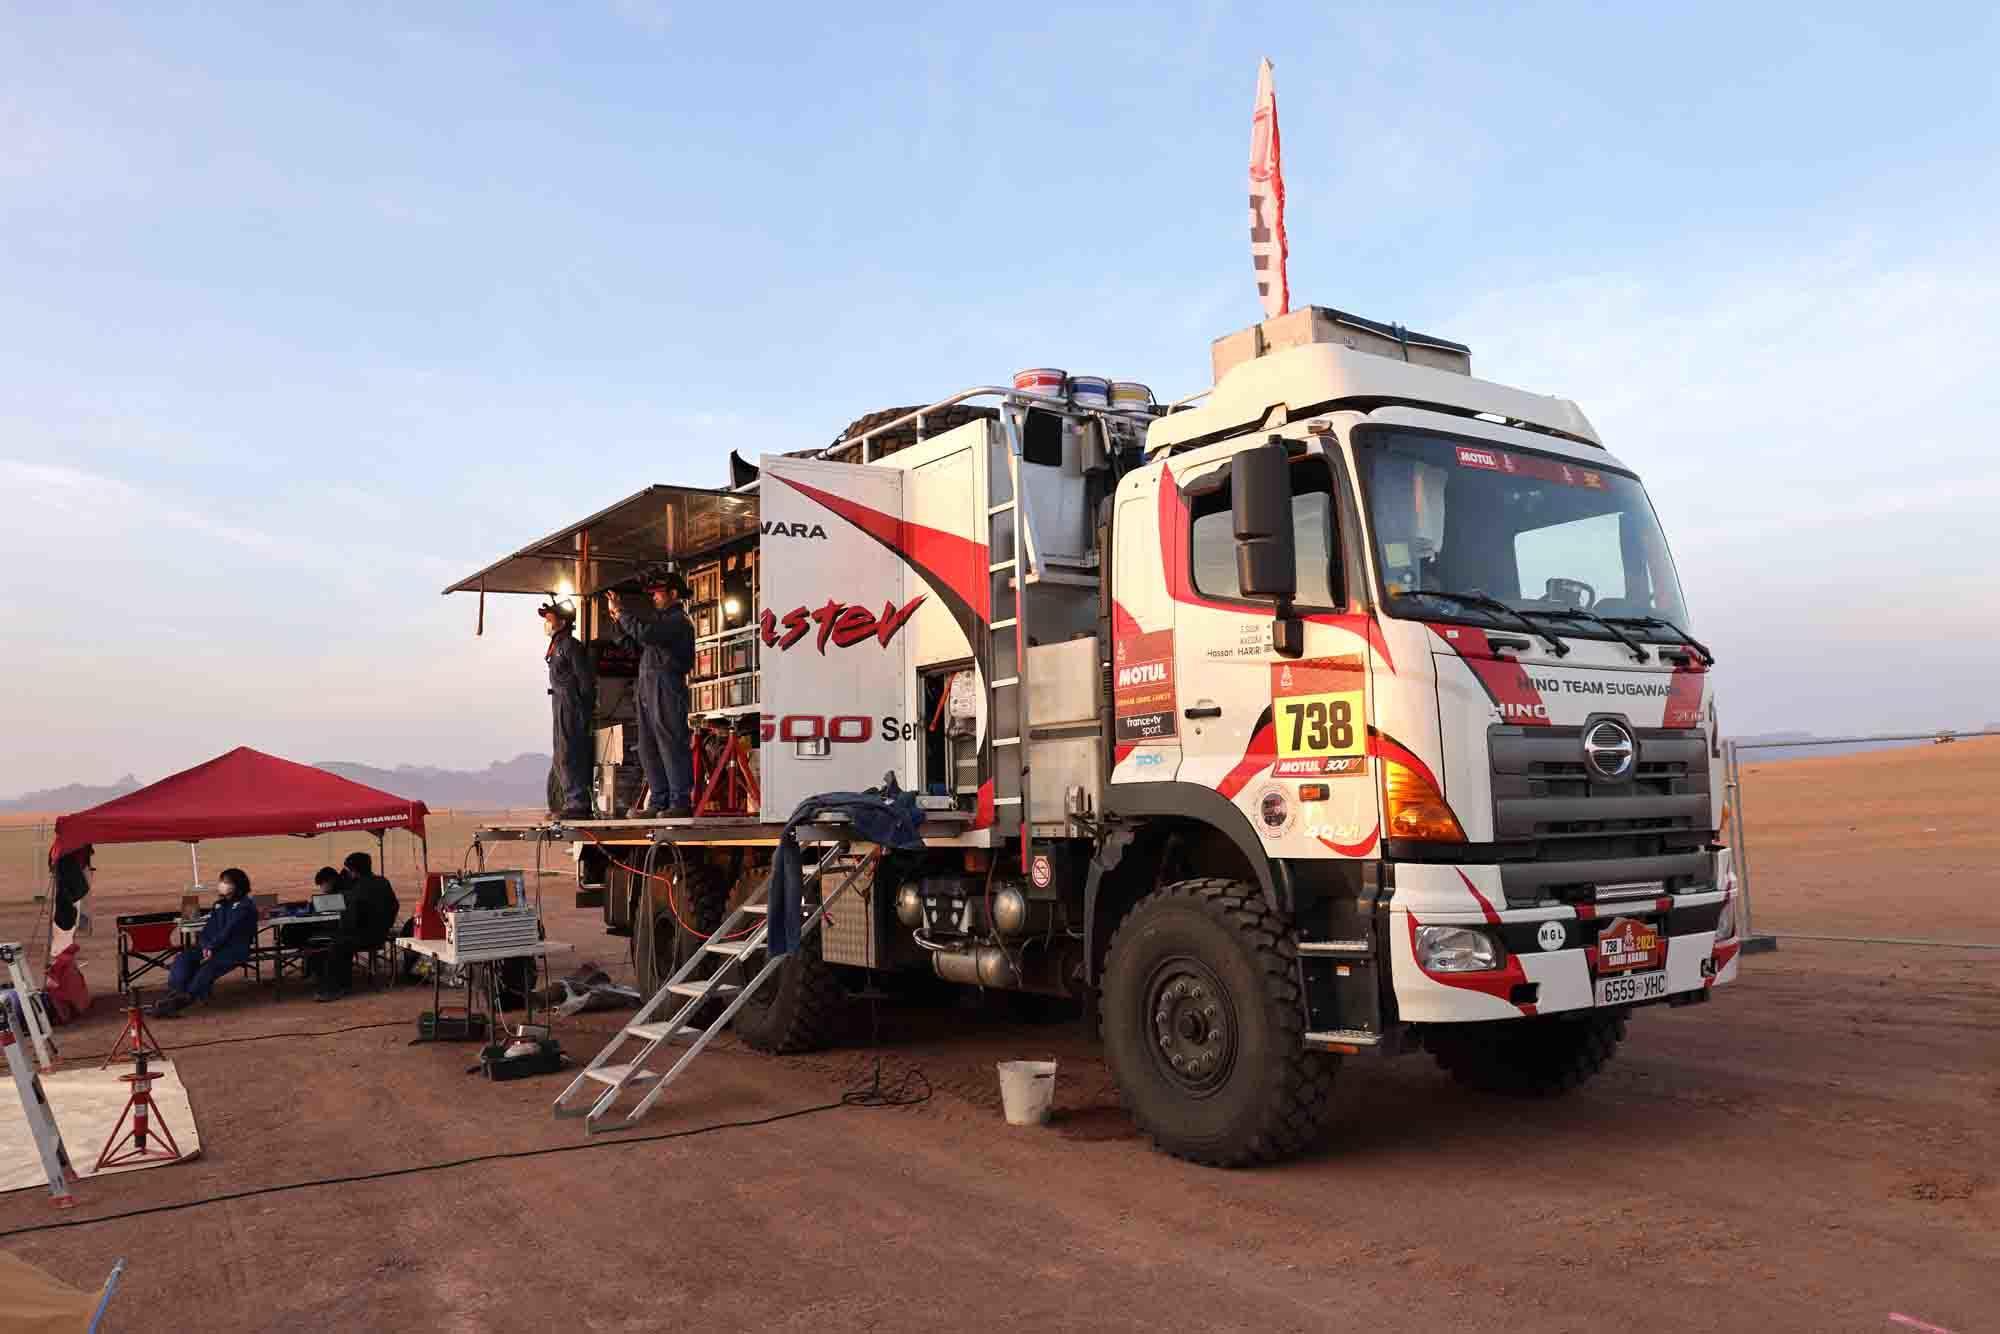 アルウラのビバークで日野レンジャーの到着を待つサポートチーム 1N9A6378.jpg